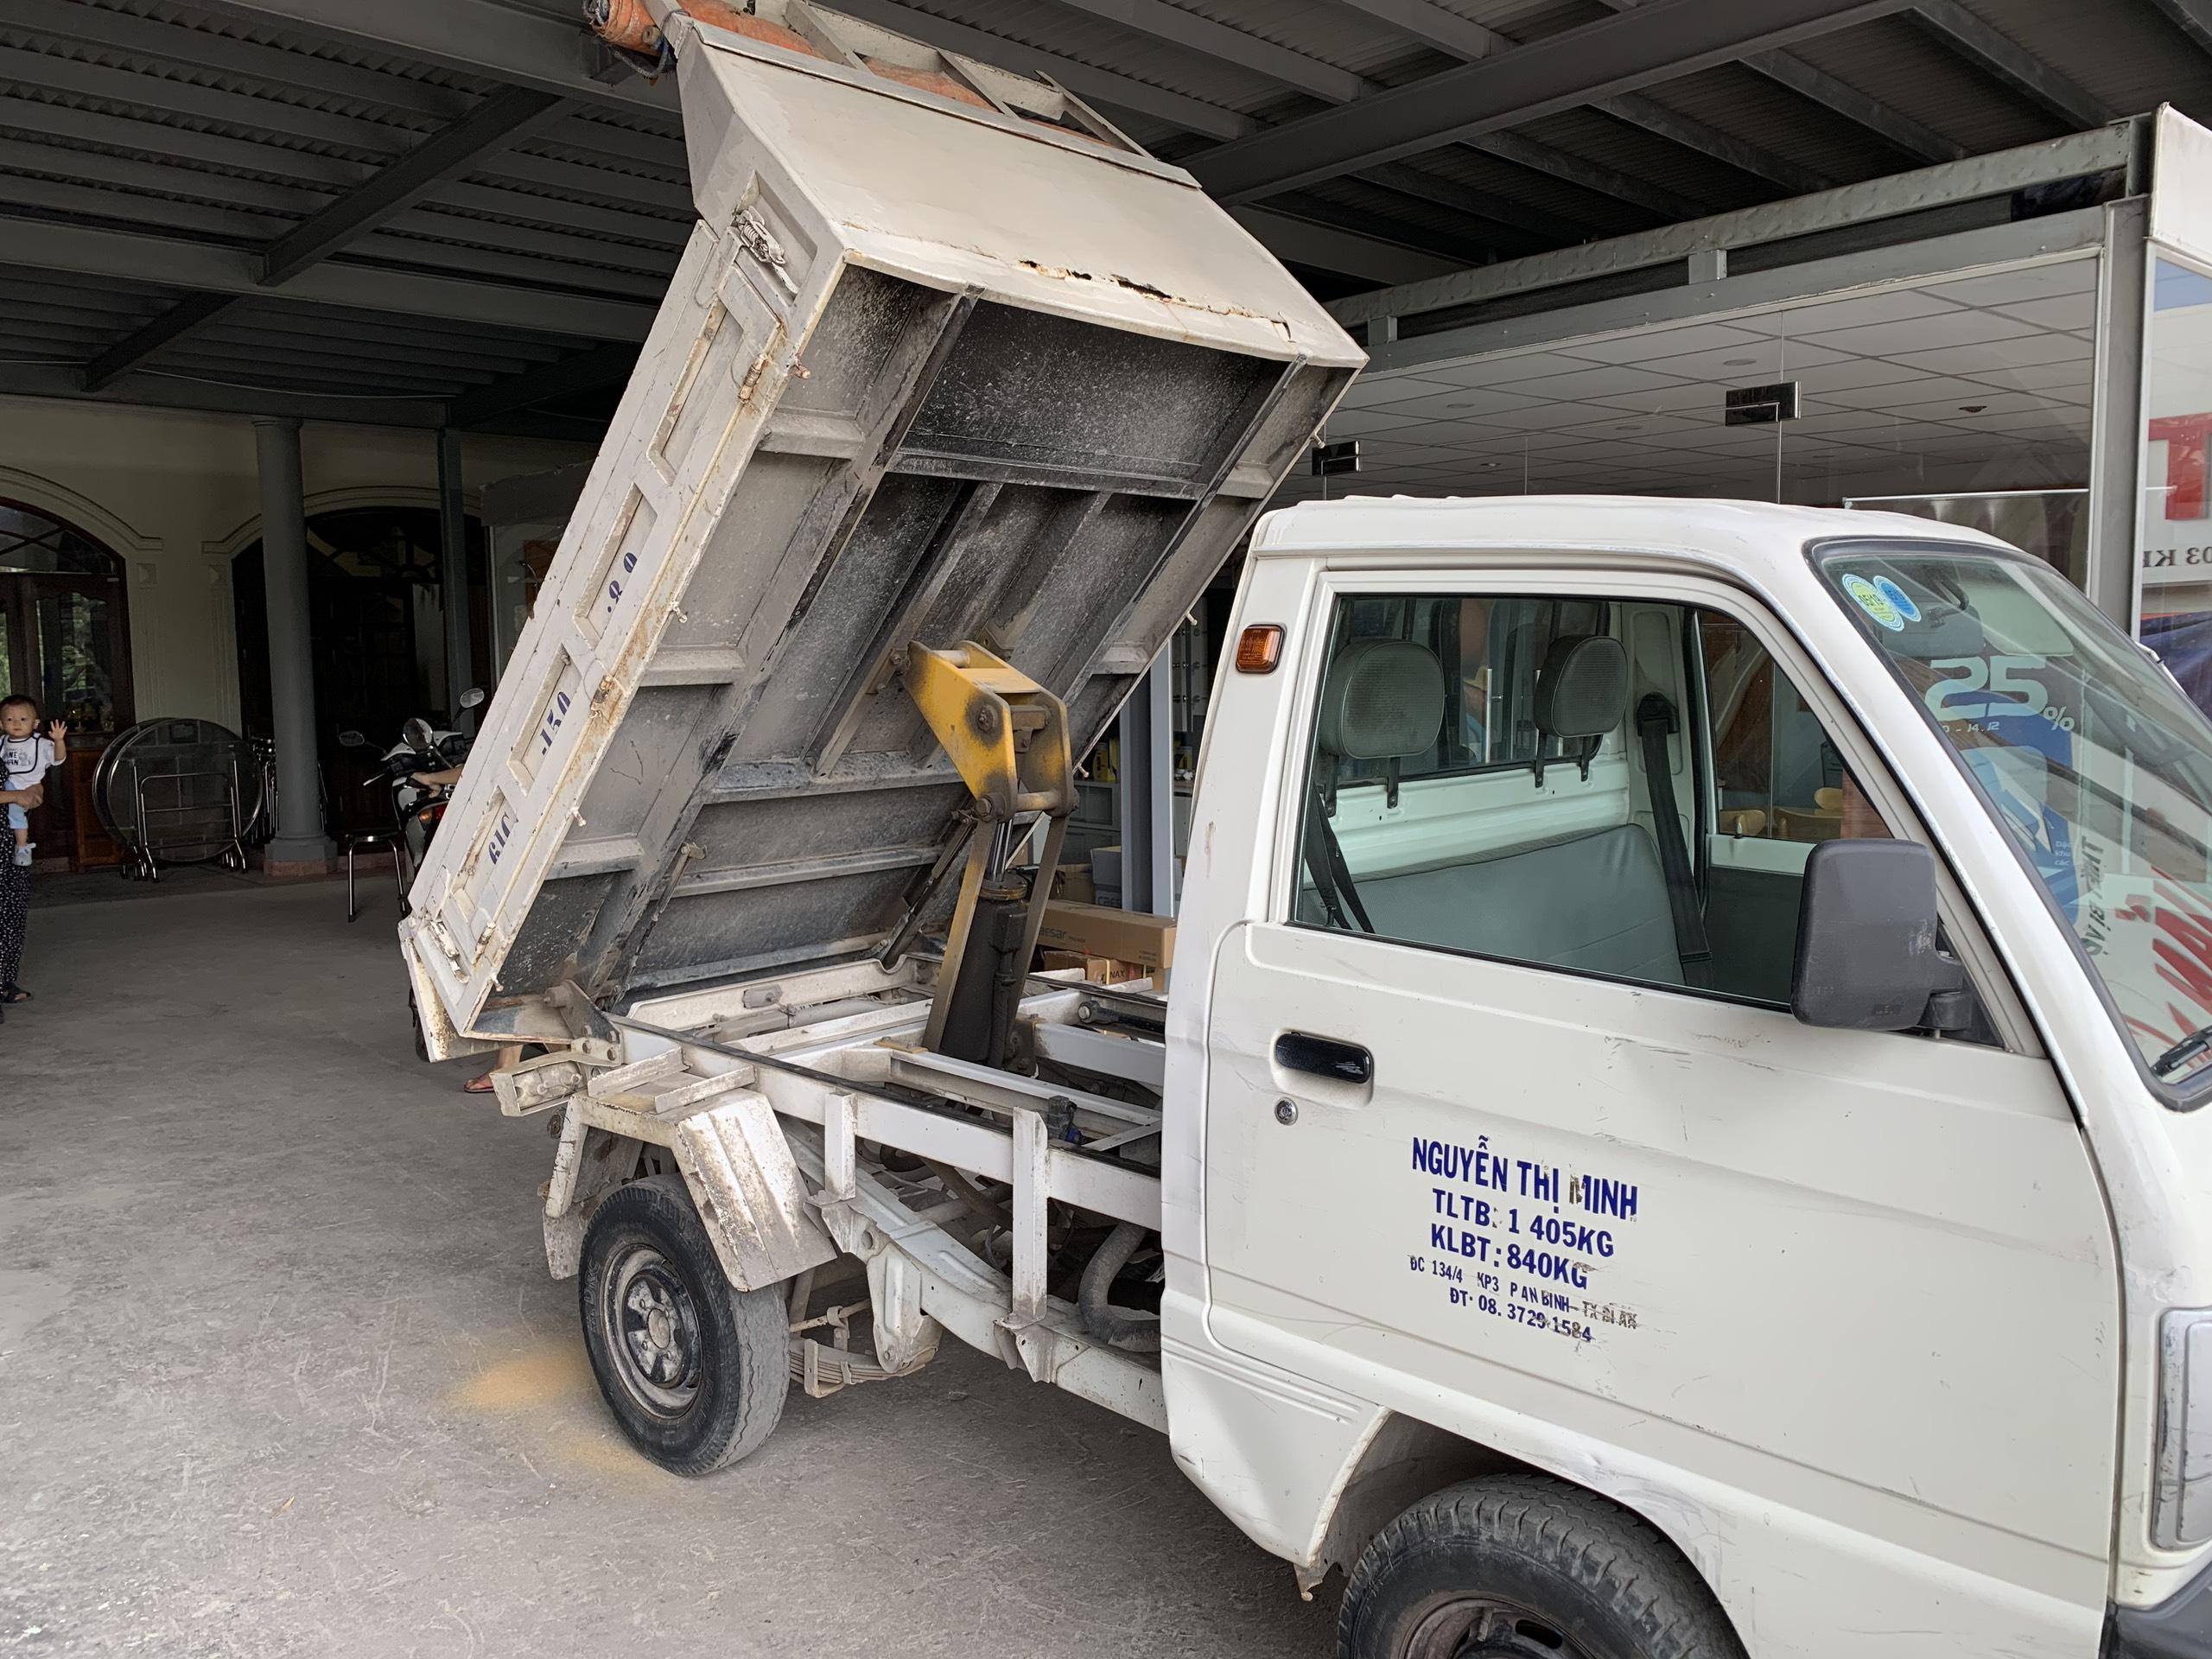 Bán xe tải ben Suzuki 550kg đời 2015 màu trắng